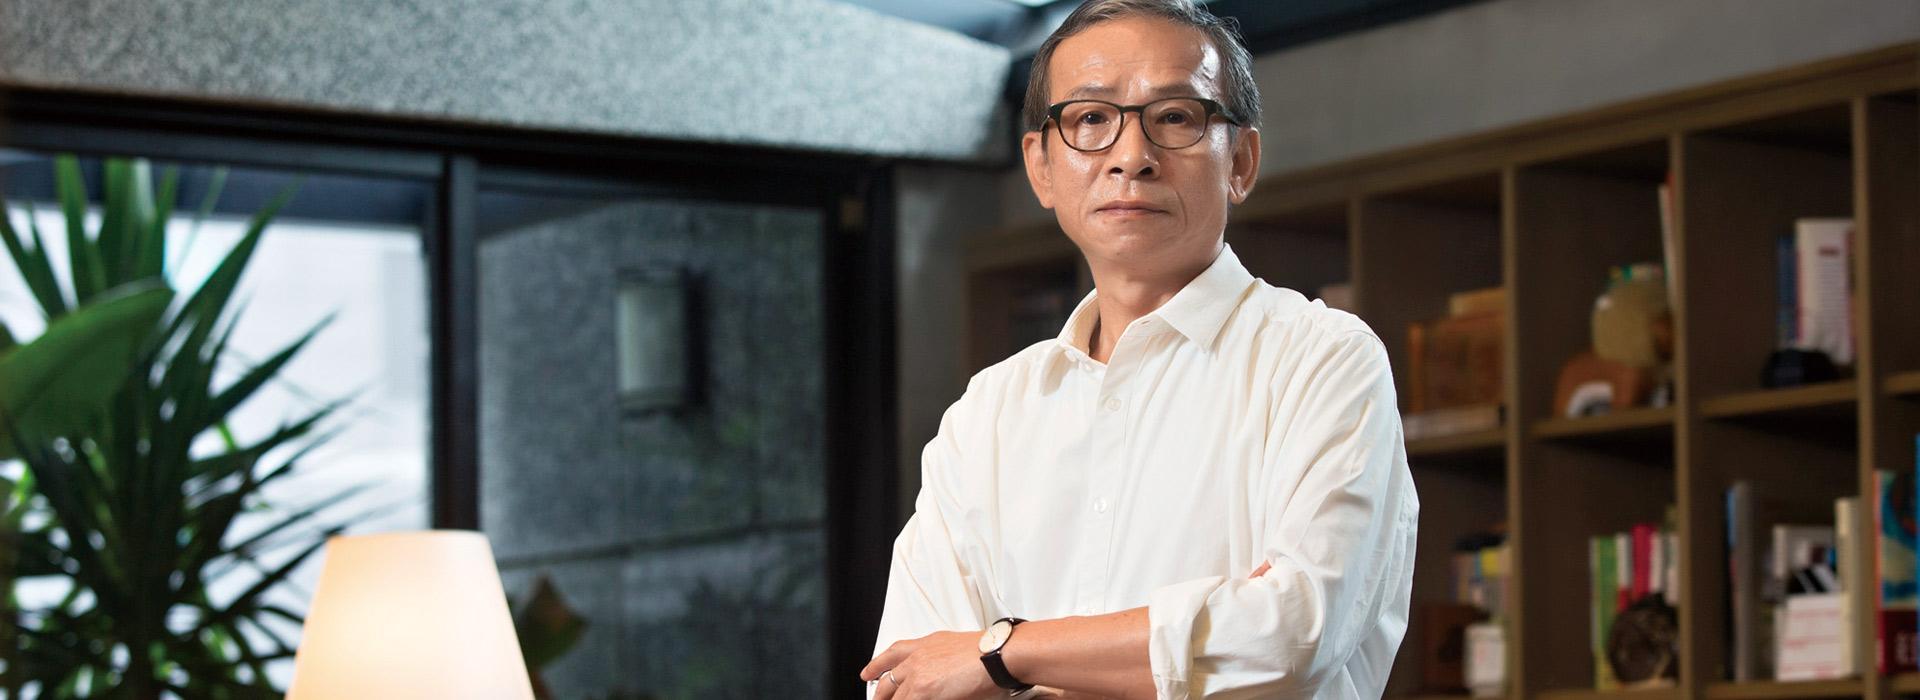 不願選舉假消息持續發酵 吳念真親上火線直播:台灣真的很小,禁不起分裂